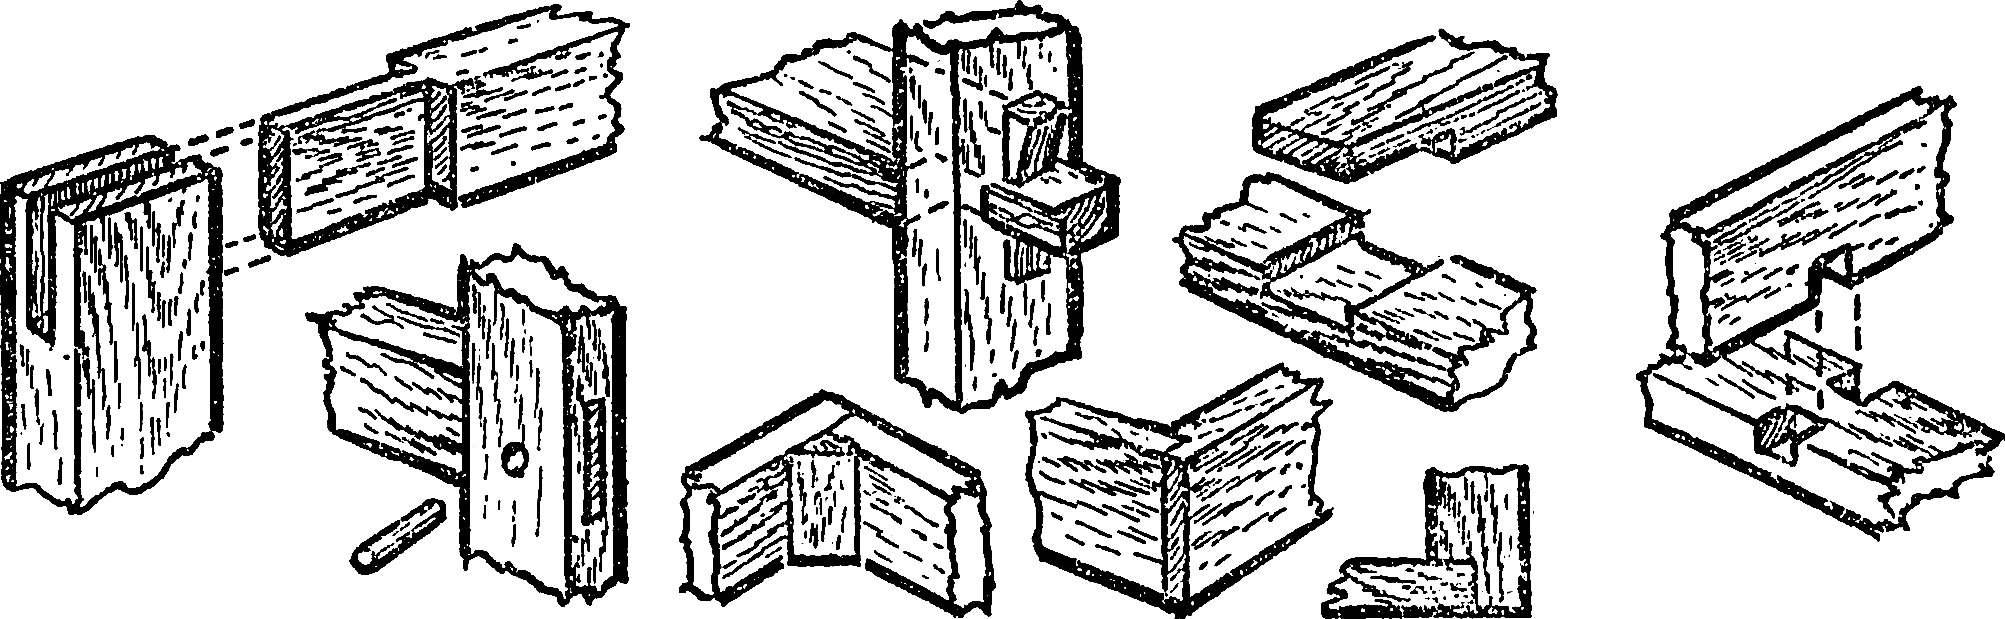 Варианты шиповых соединений деревянных деталей мебельных конструкций.